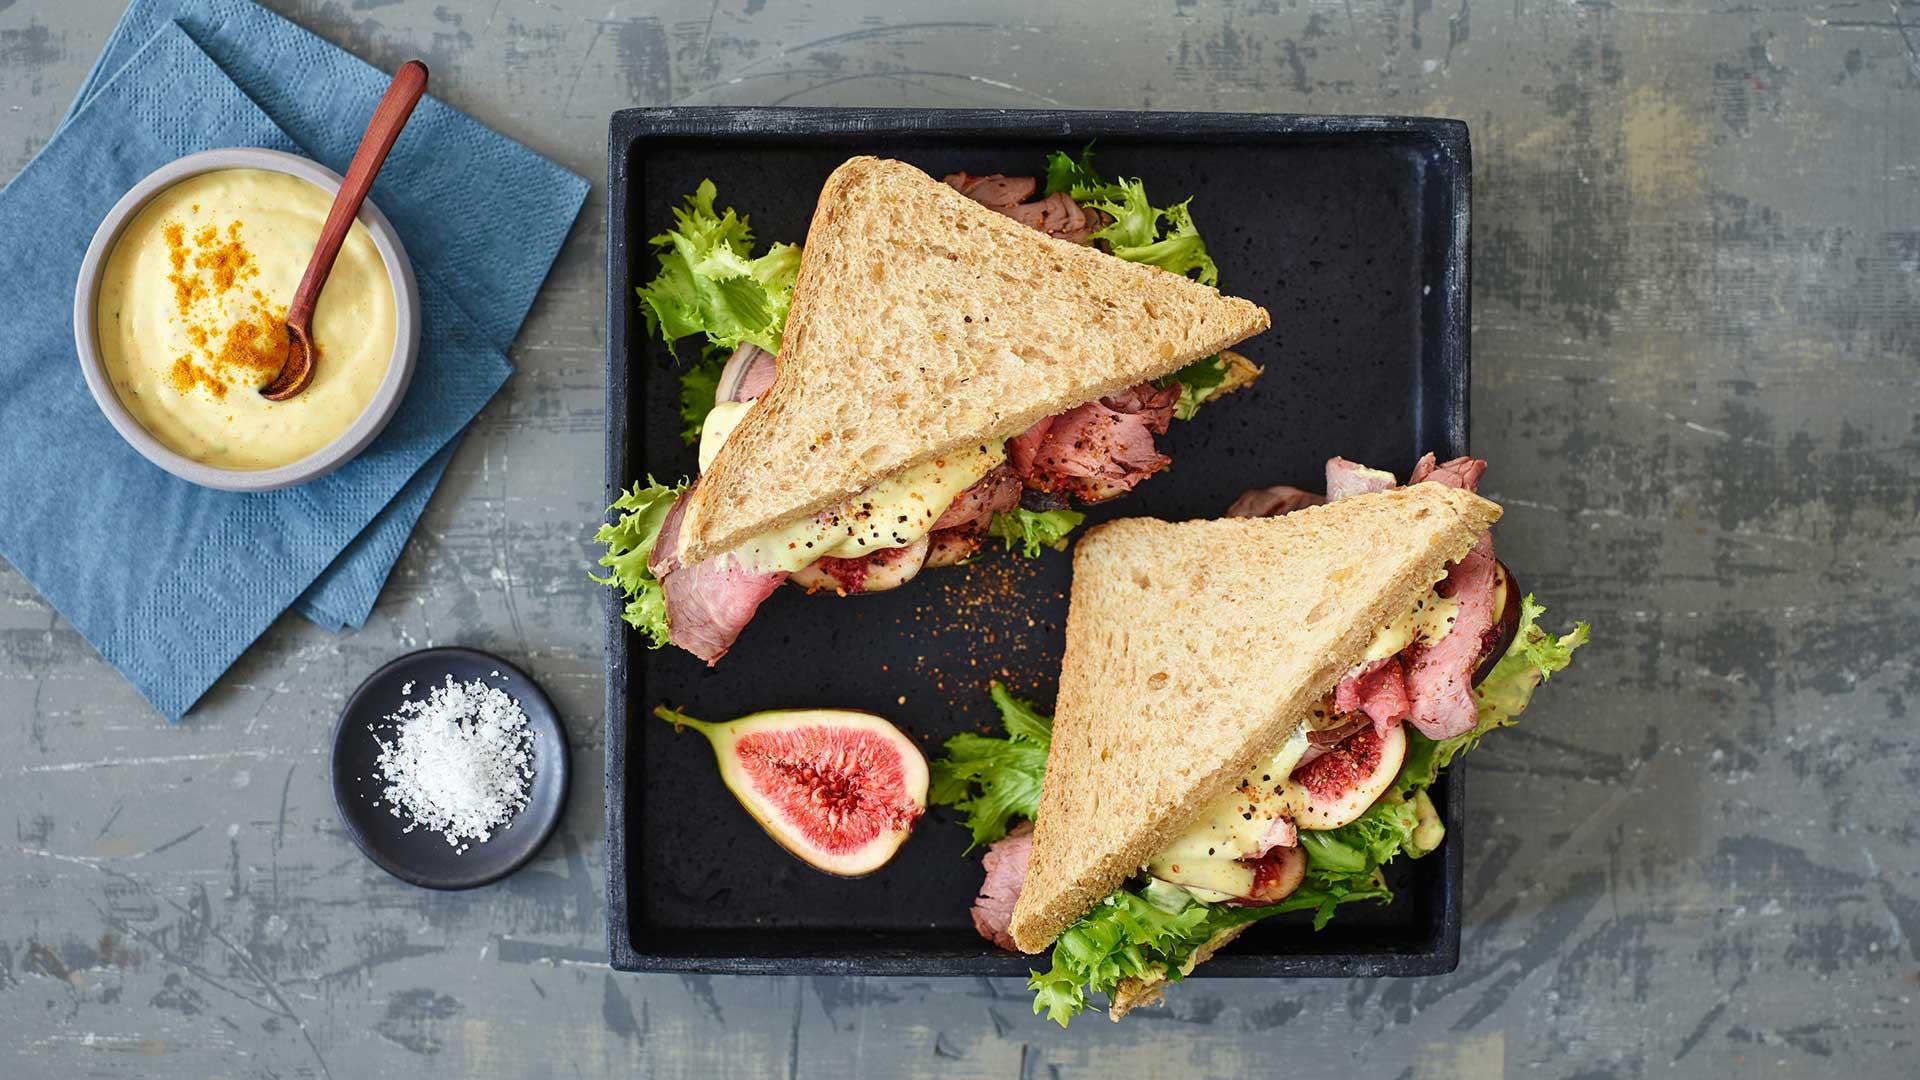 Pfeffer Roastbeef Sandwich